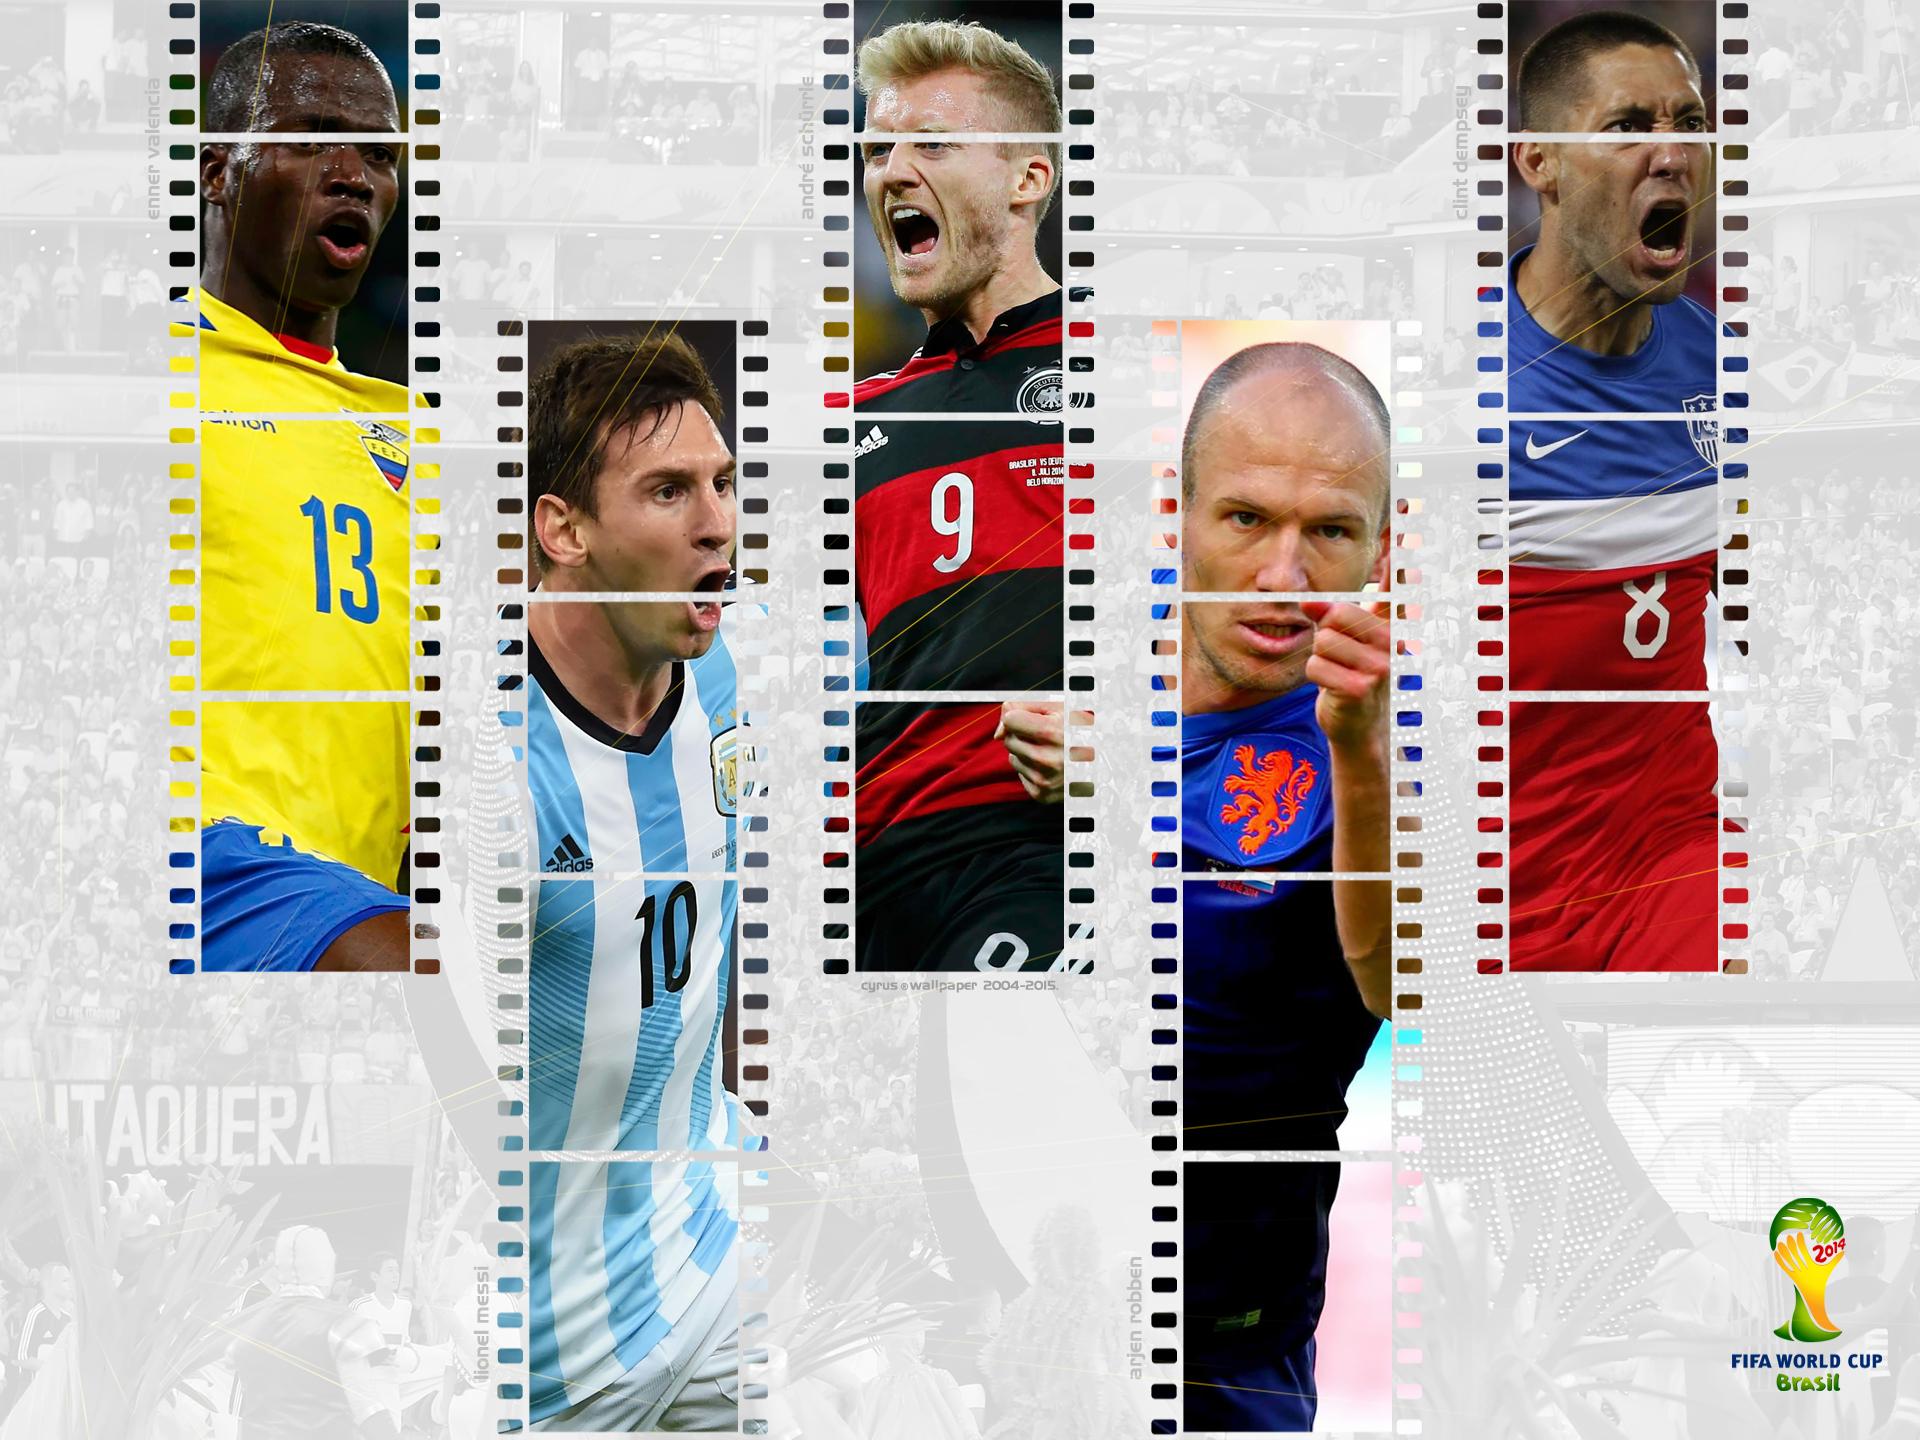 والپیپر جام جهانی 2014 برزیل